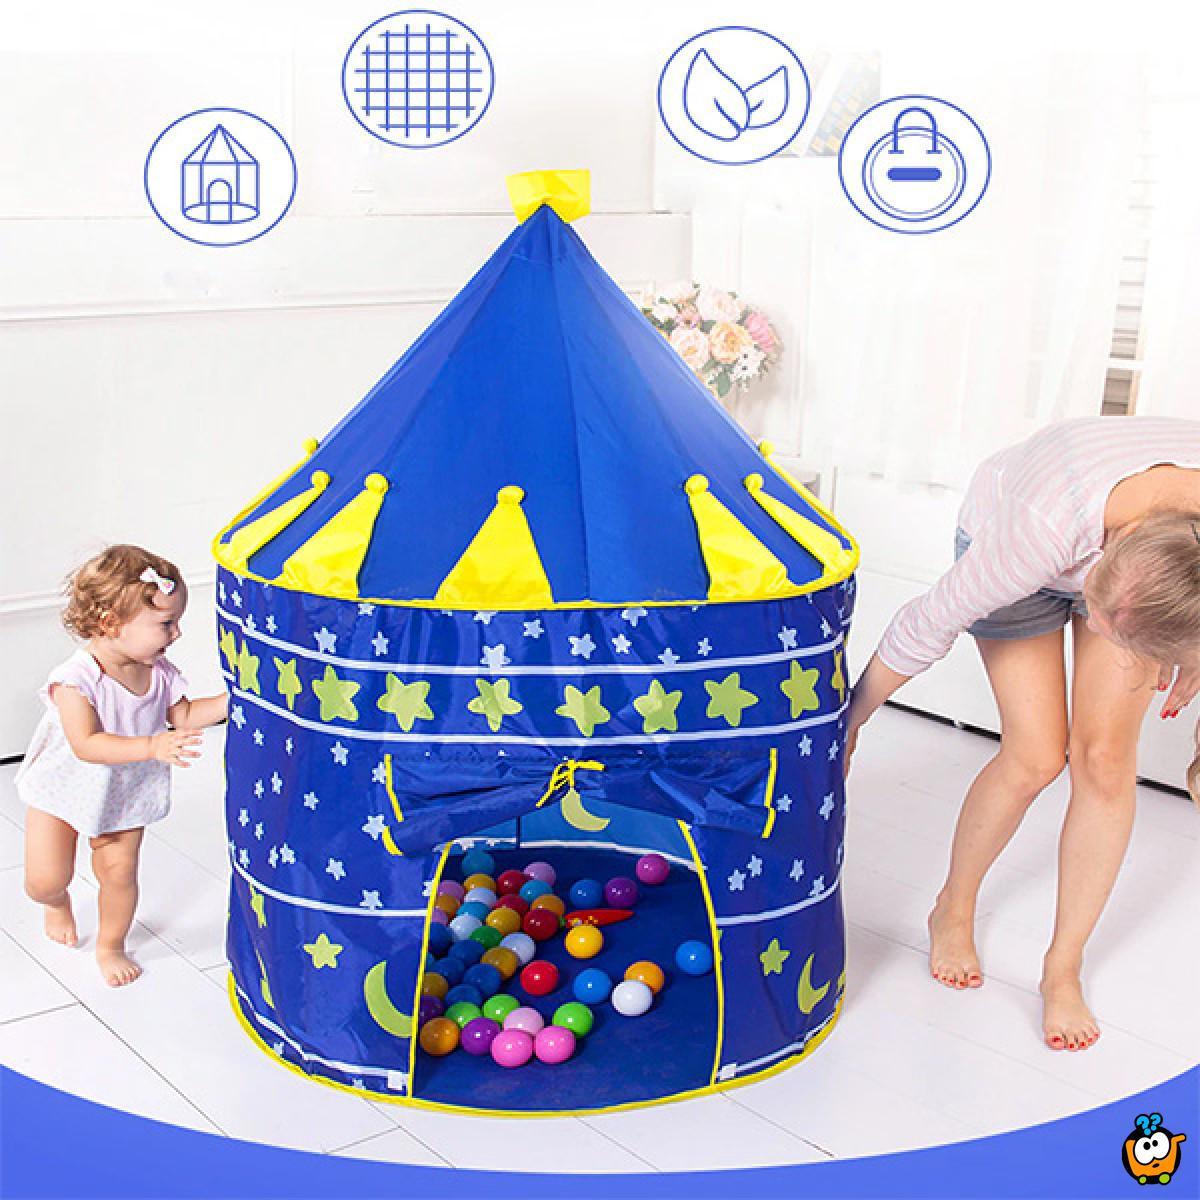 Šator igraonica za male heroje u obliku dvorca